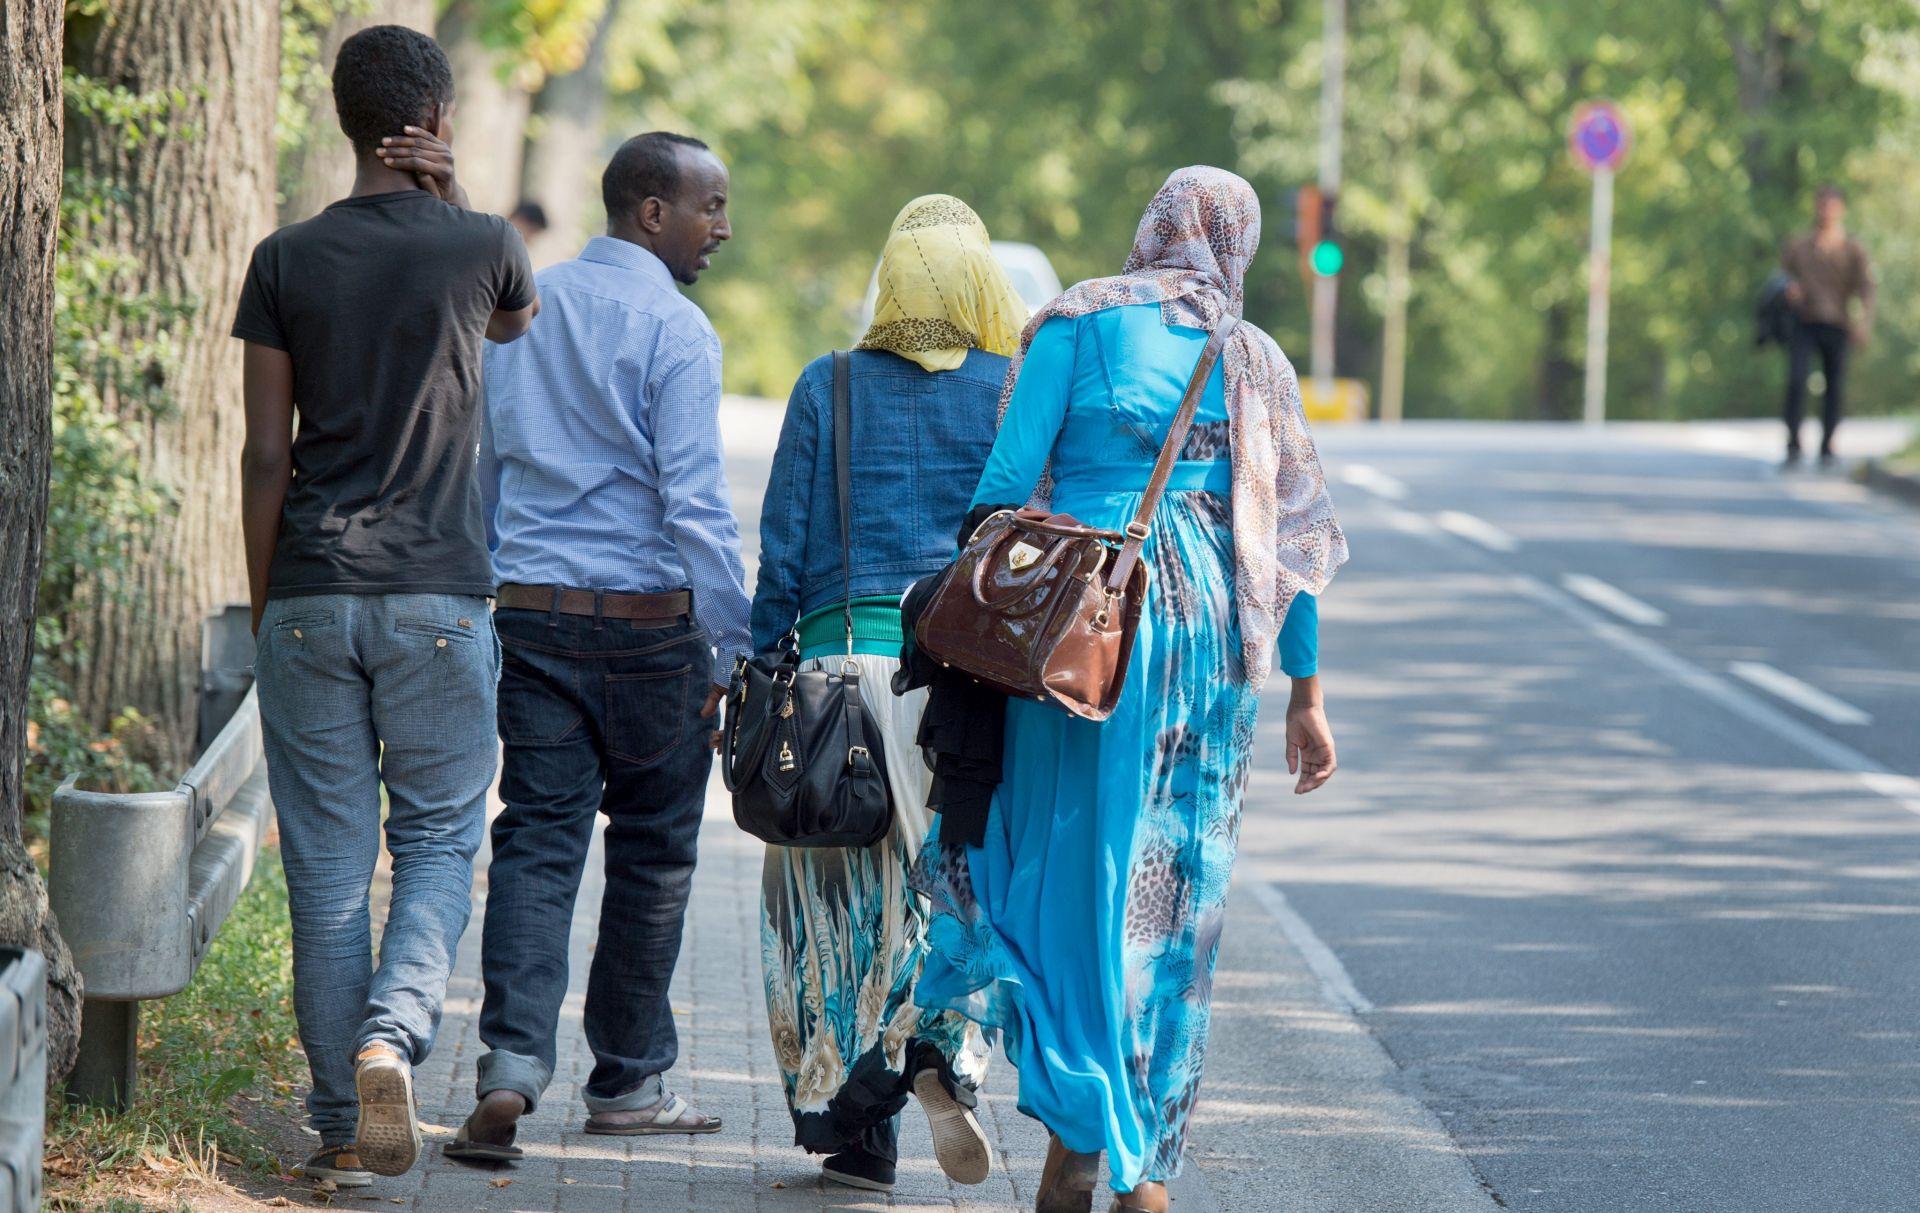 Njemačka očekuje rekordnih 800.000 zahtjeva za azil u 2015.